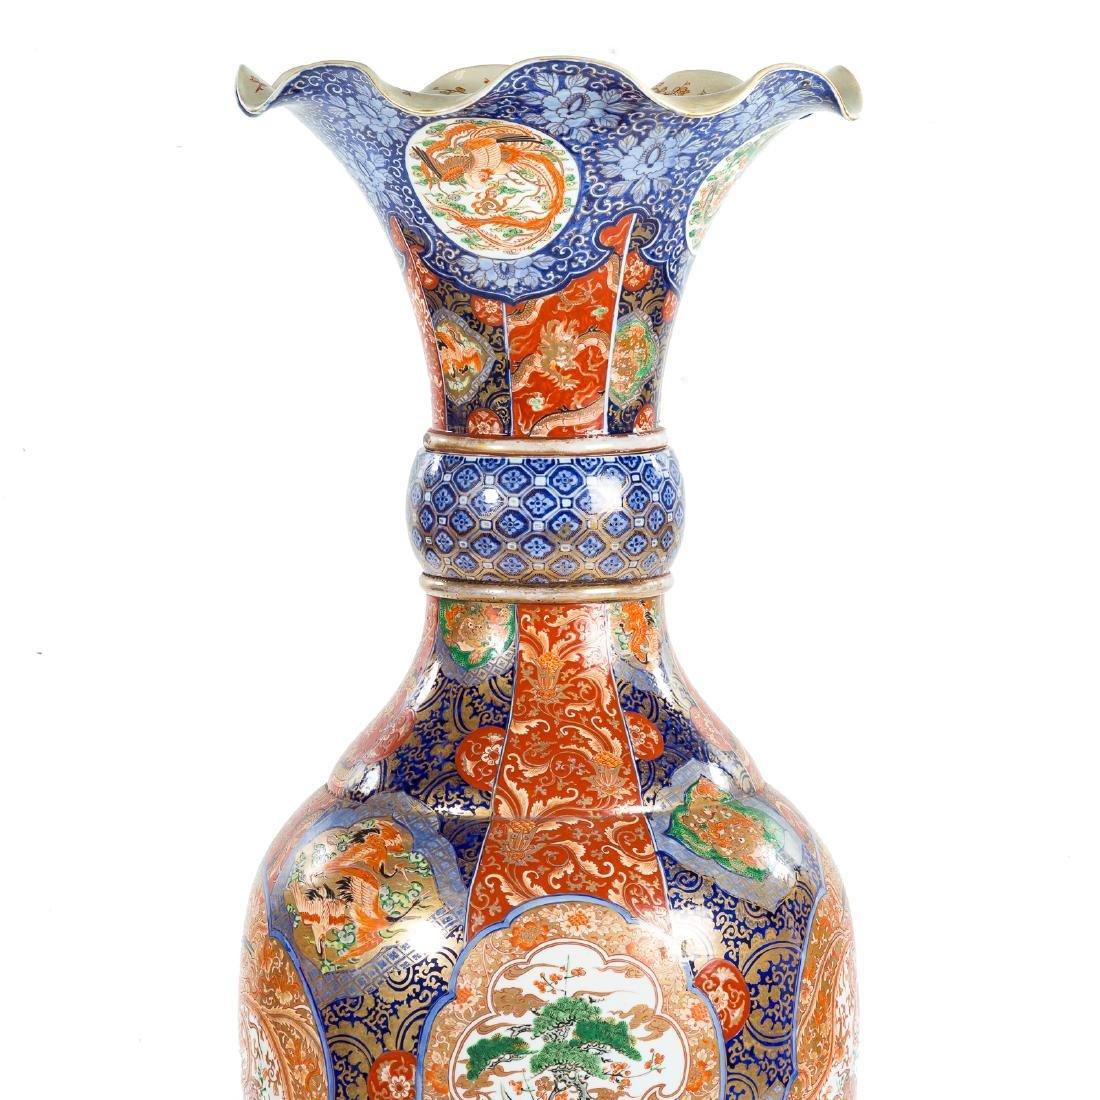 Japanese Imari porcelain monumental palace vase - 2